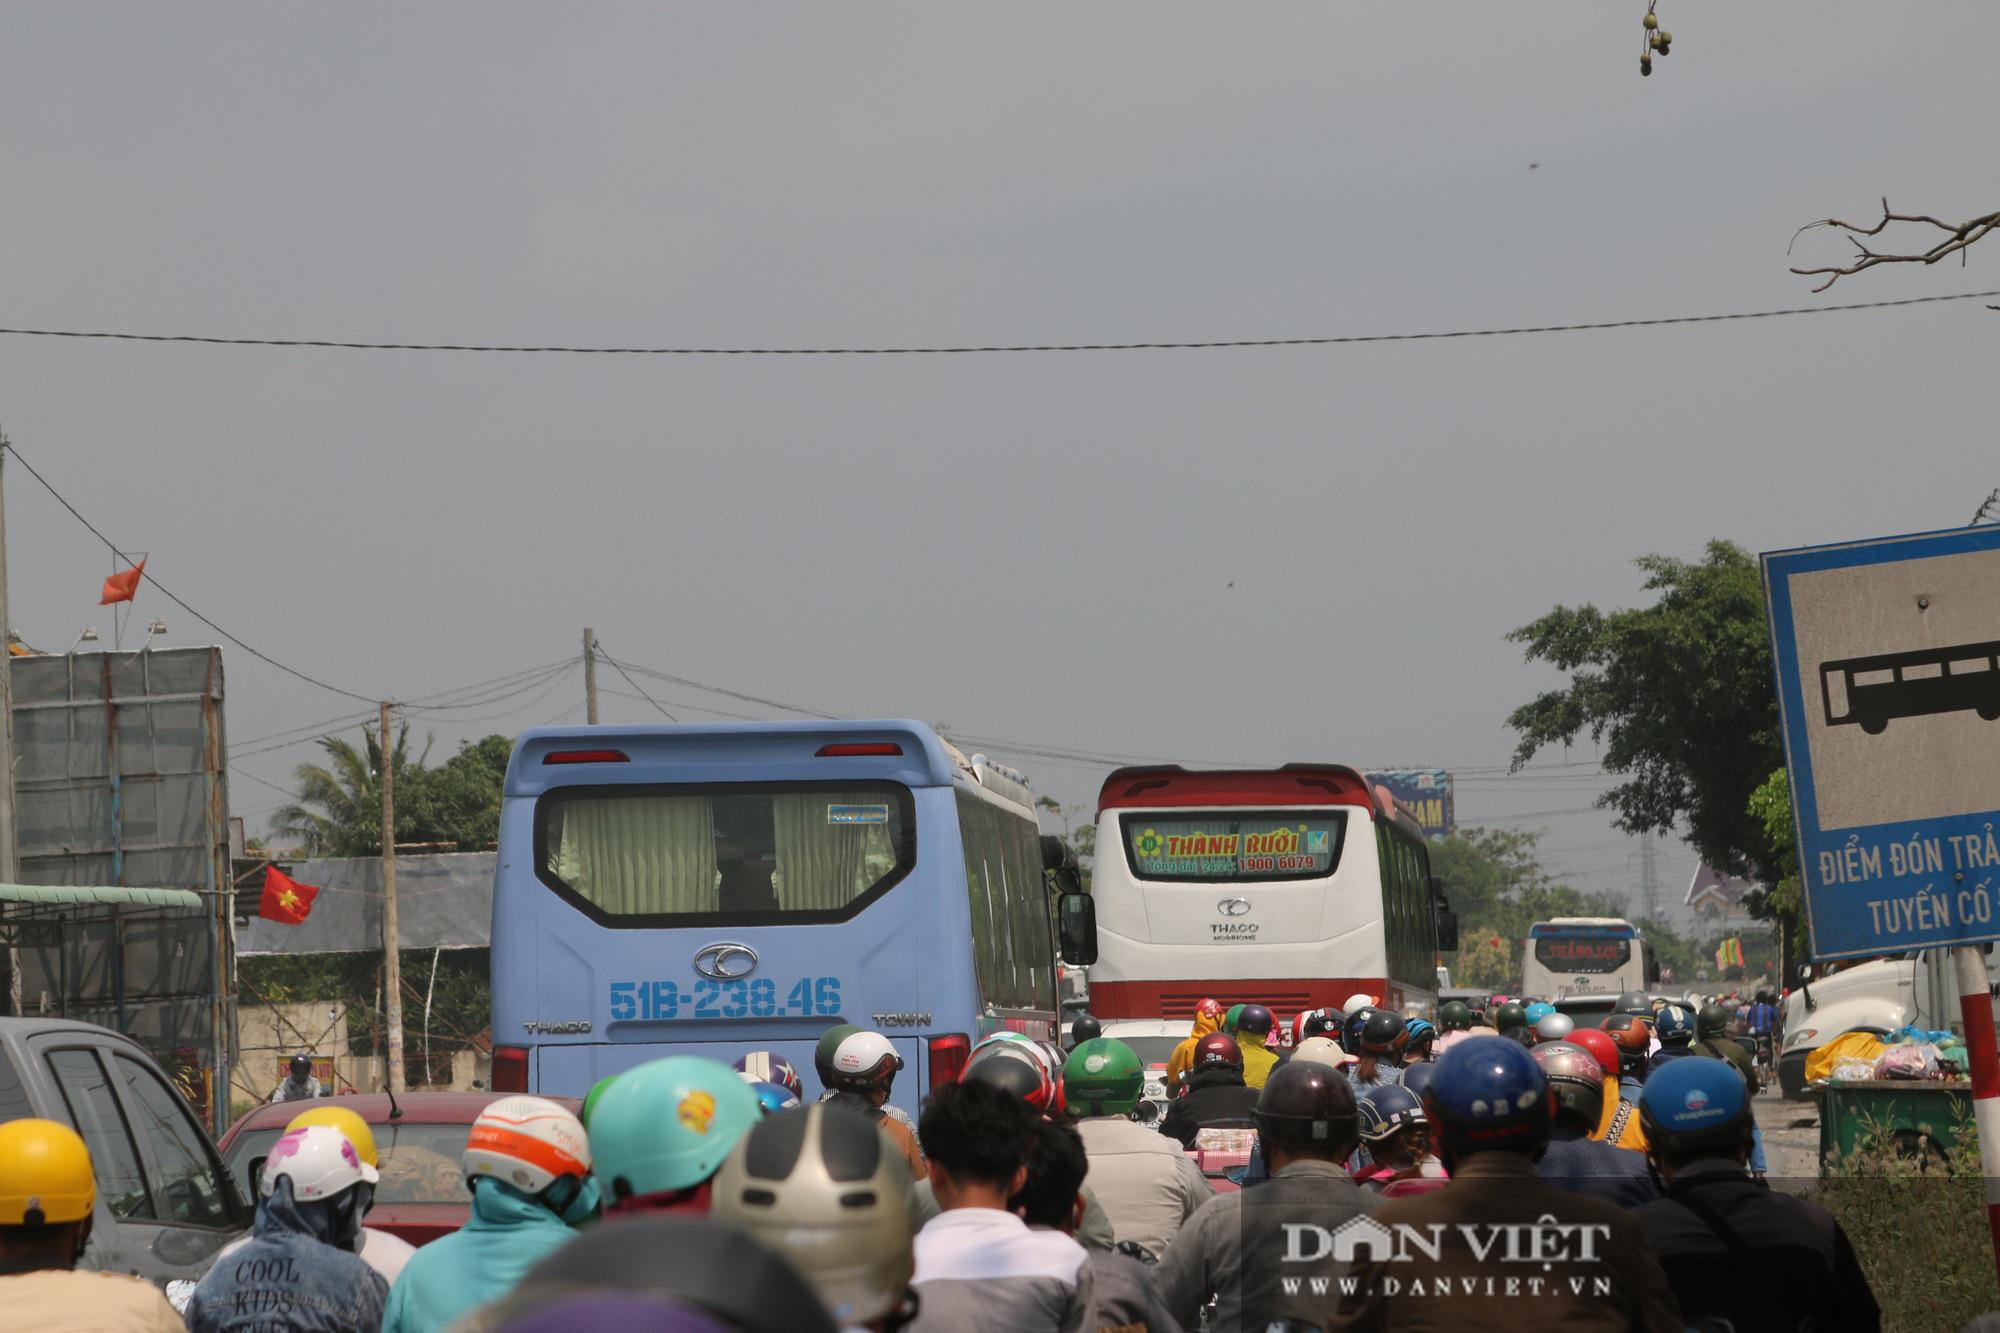 Người dân miền Tây về TP.HCM ngày mùng 5 Tết: Di chuyển dễ dàng - Ảnh 5.